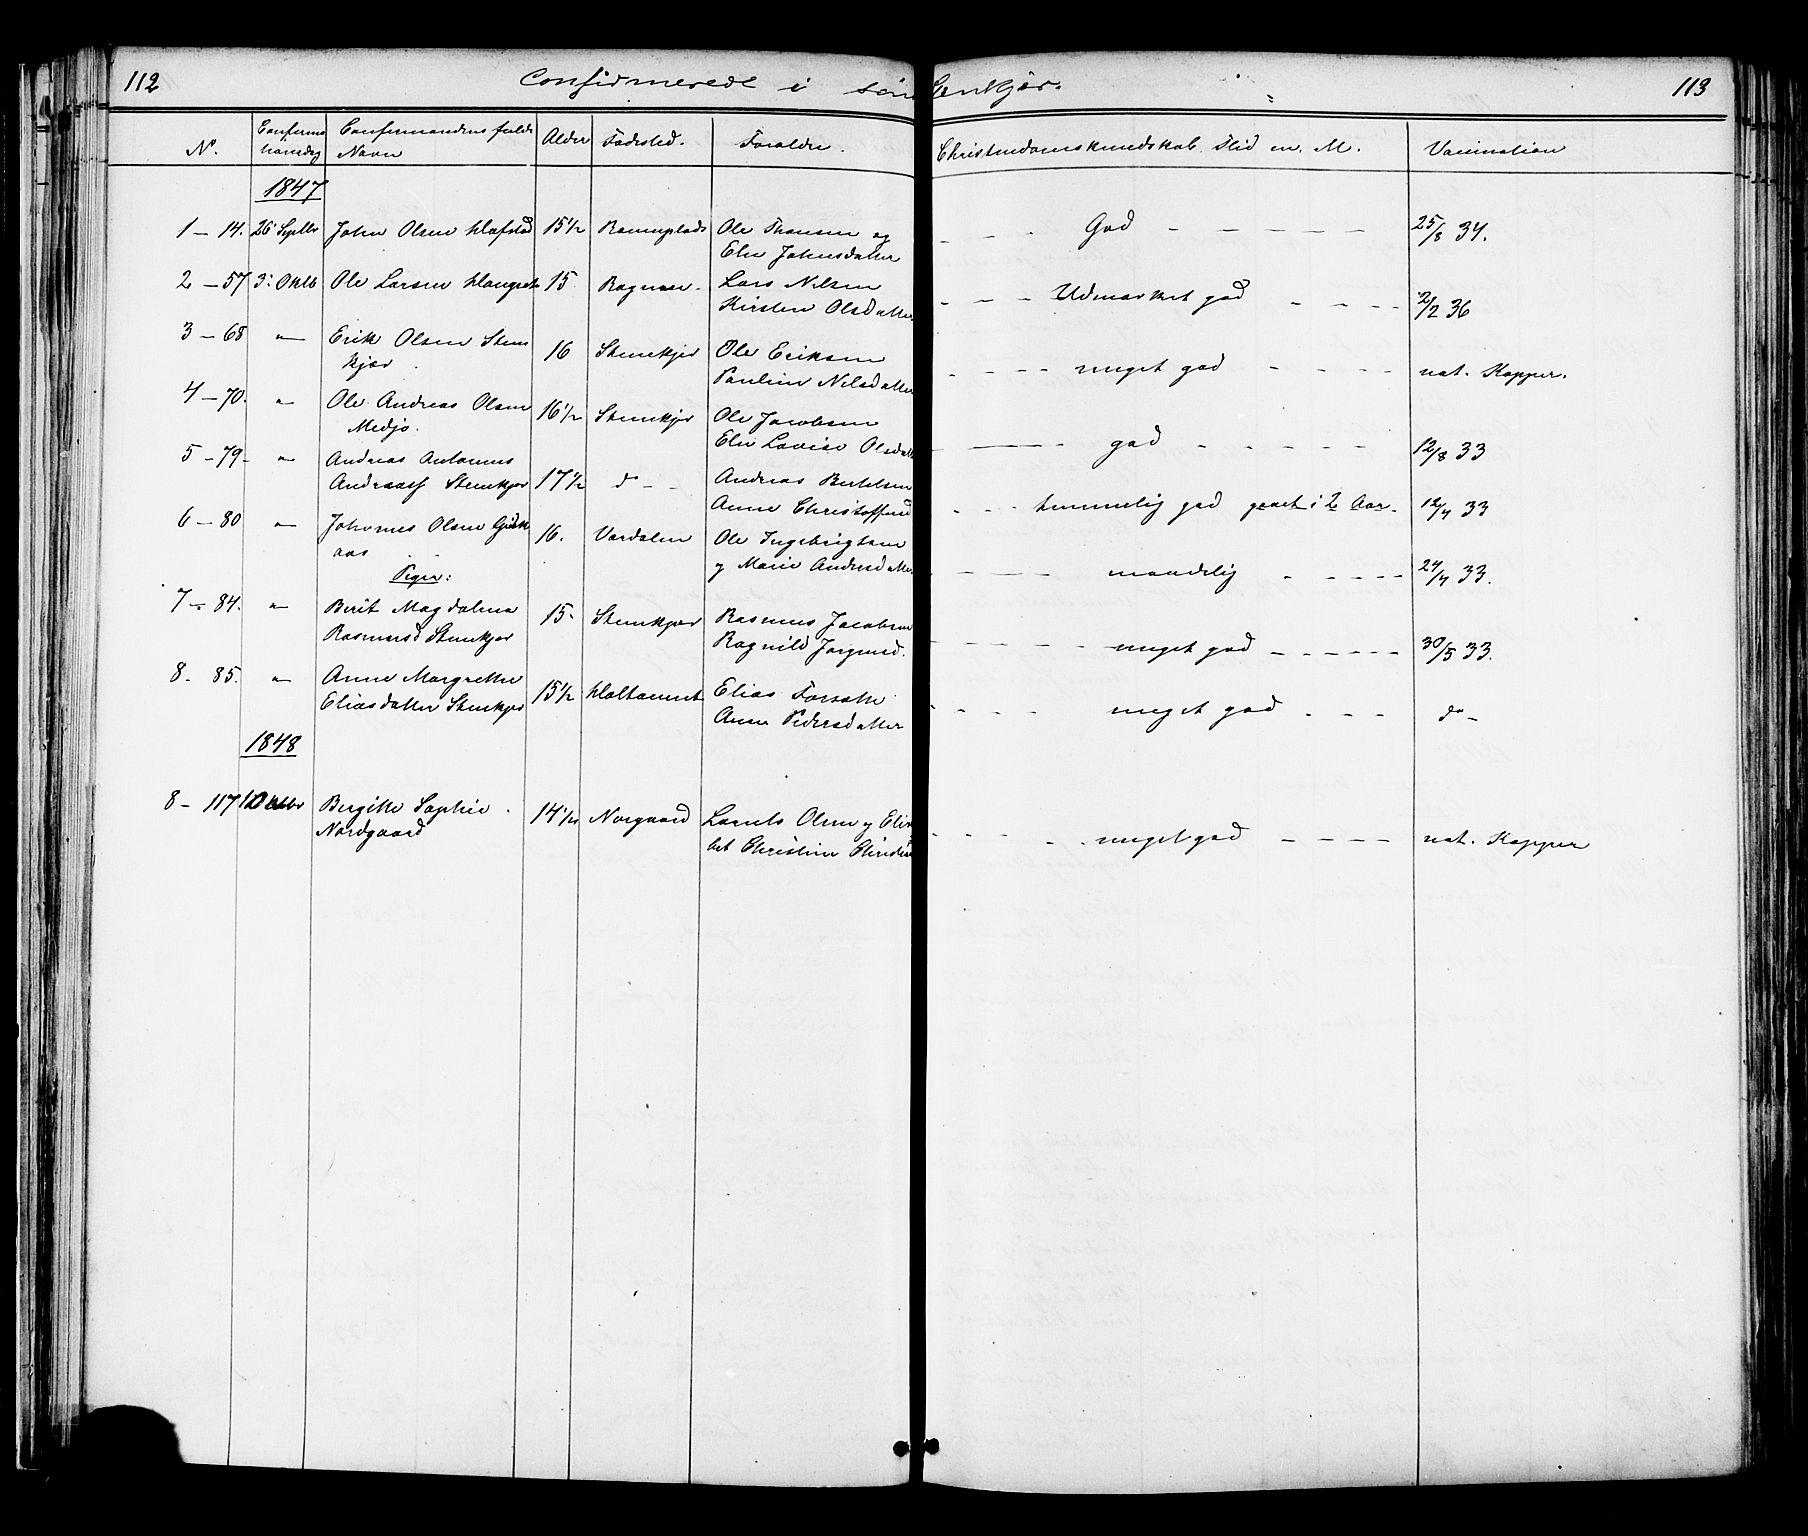 SAT, Ministerialprotokoller, klokkerbøker og fødselsregistre - Nord-Trøndelag, 739/L0367: Ministerialbok nr. 739A01 /1, 1838-1868, s. 112-113